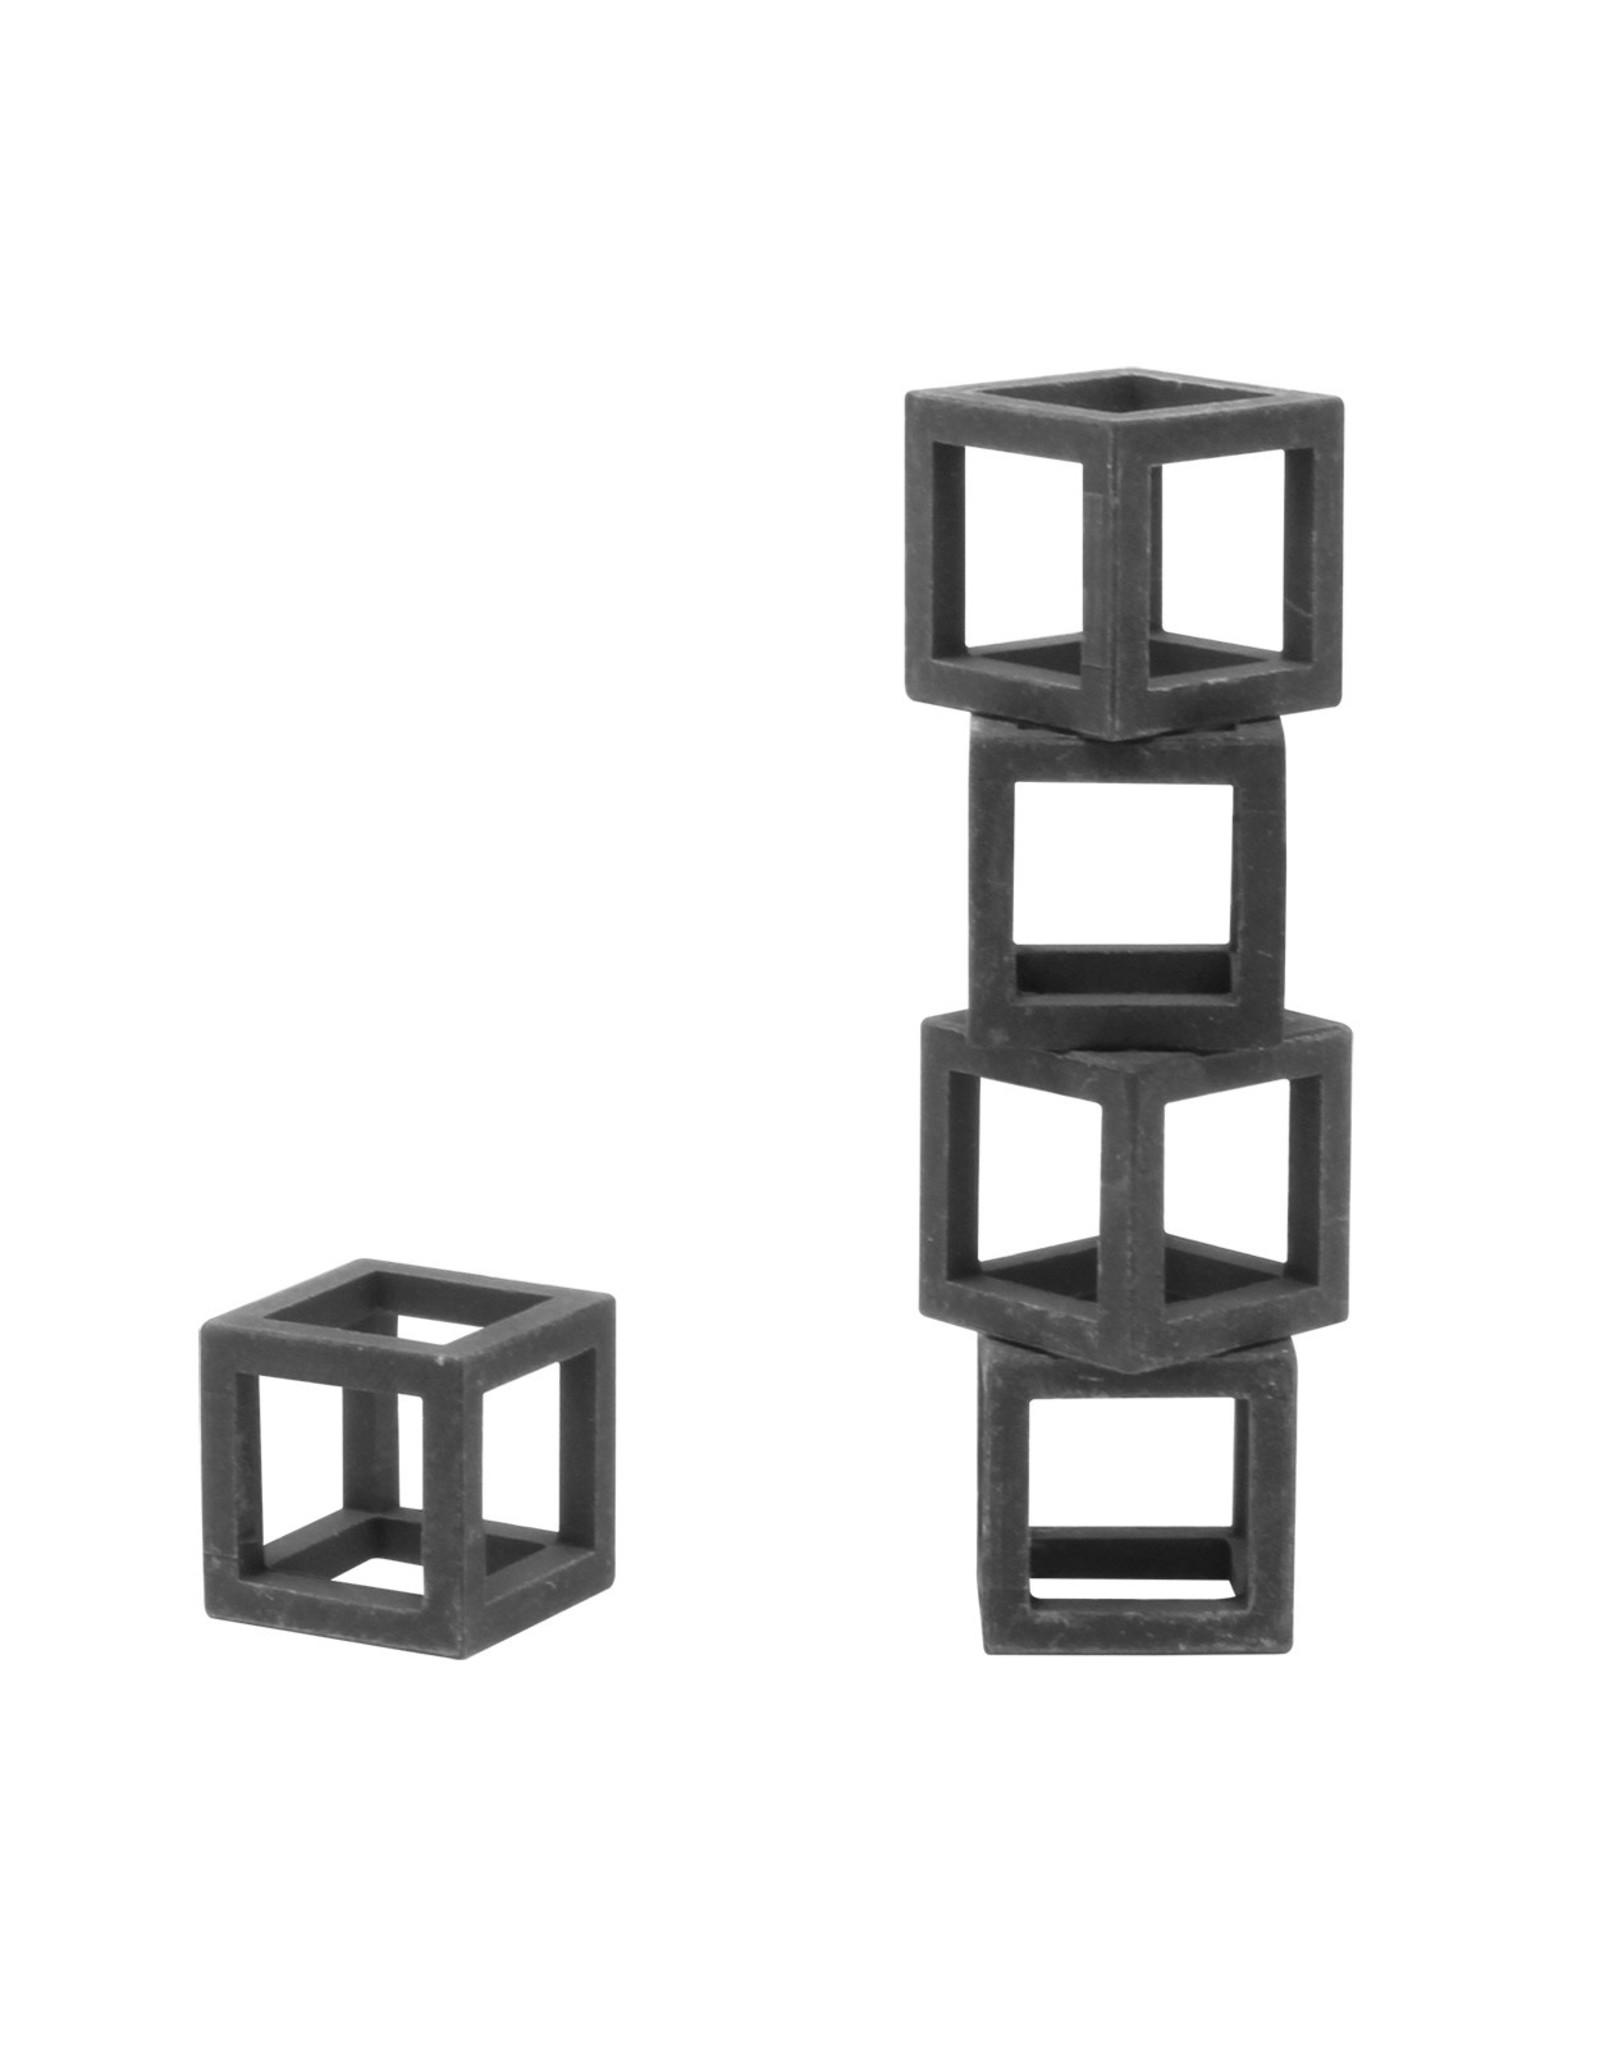 Underwater Treasures Aquavitro Shrimp Accessories - Cubes